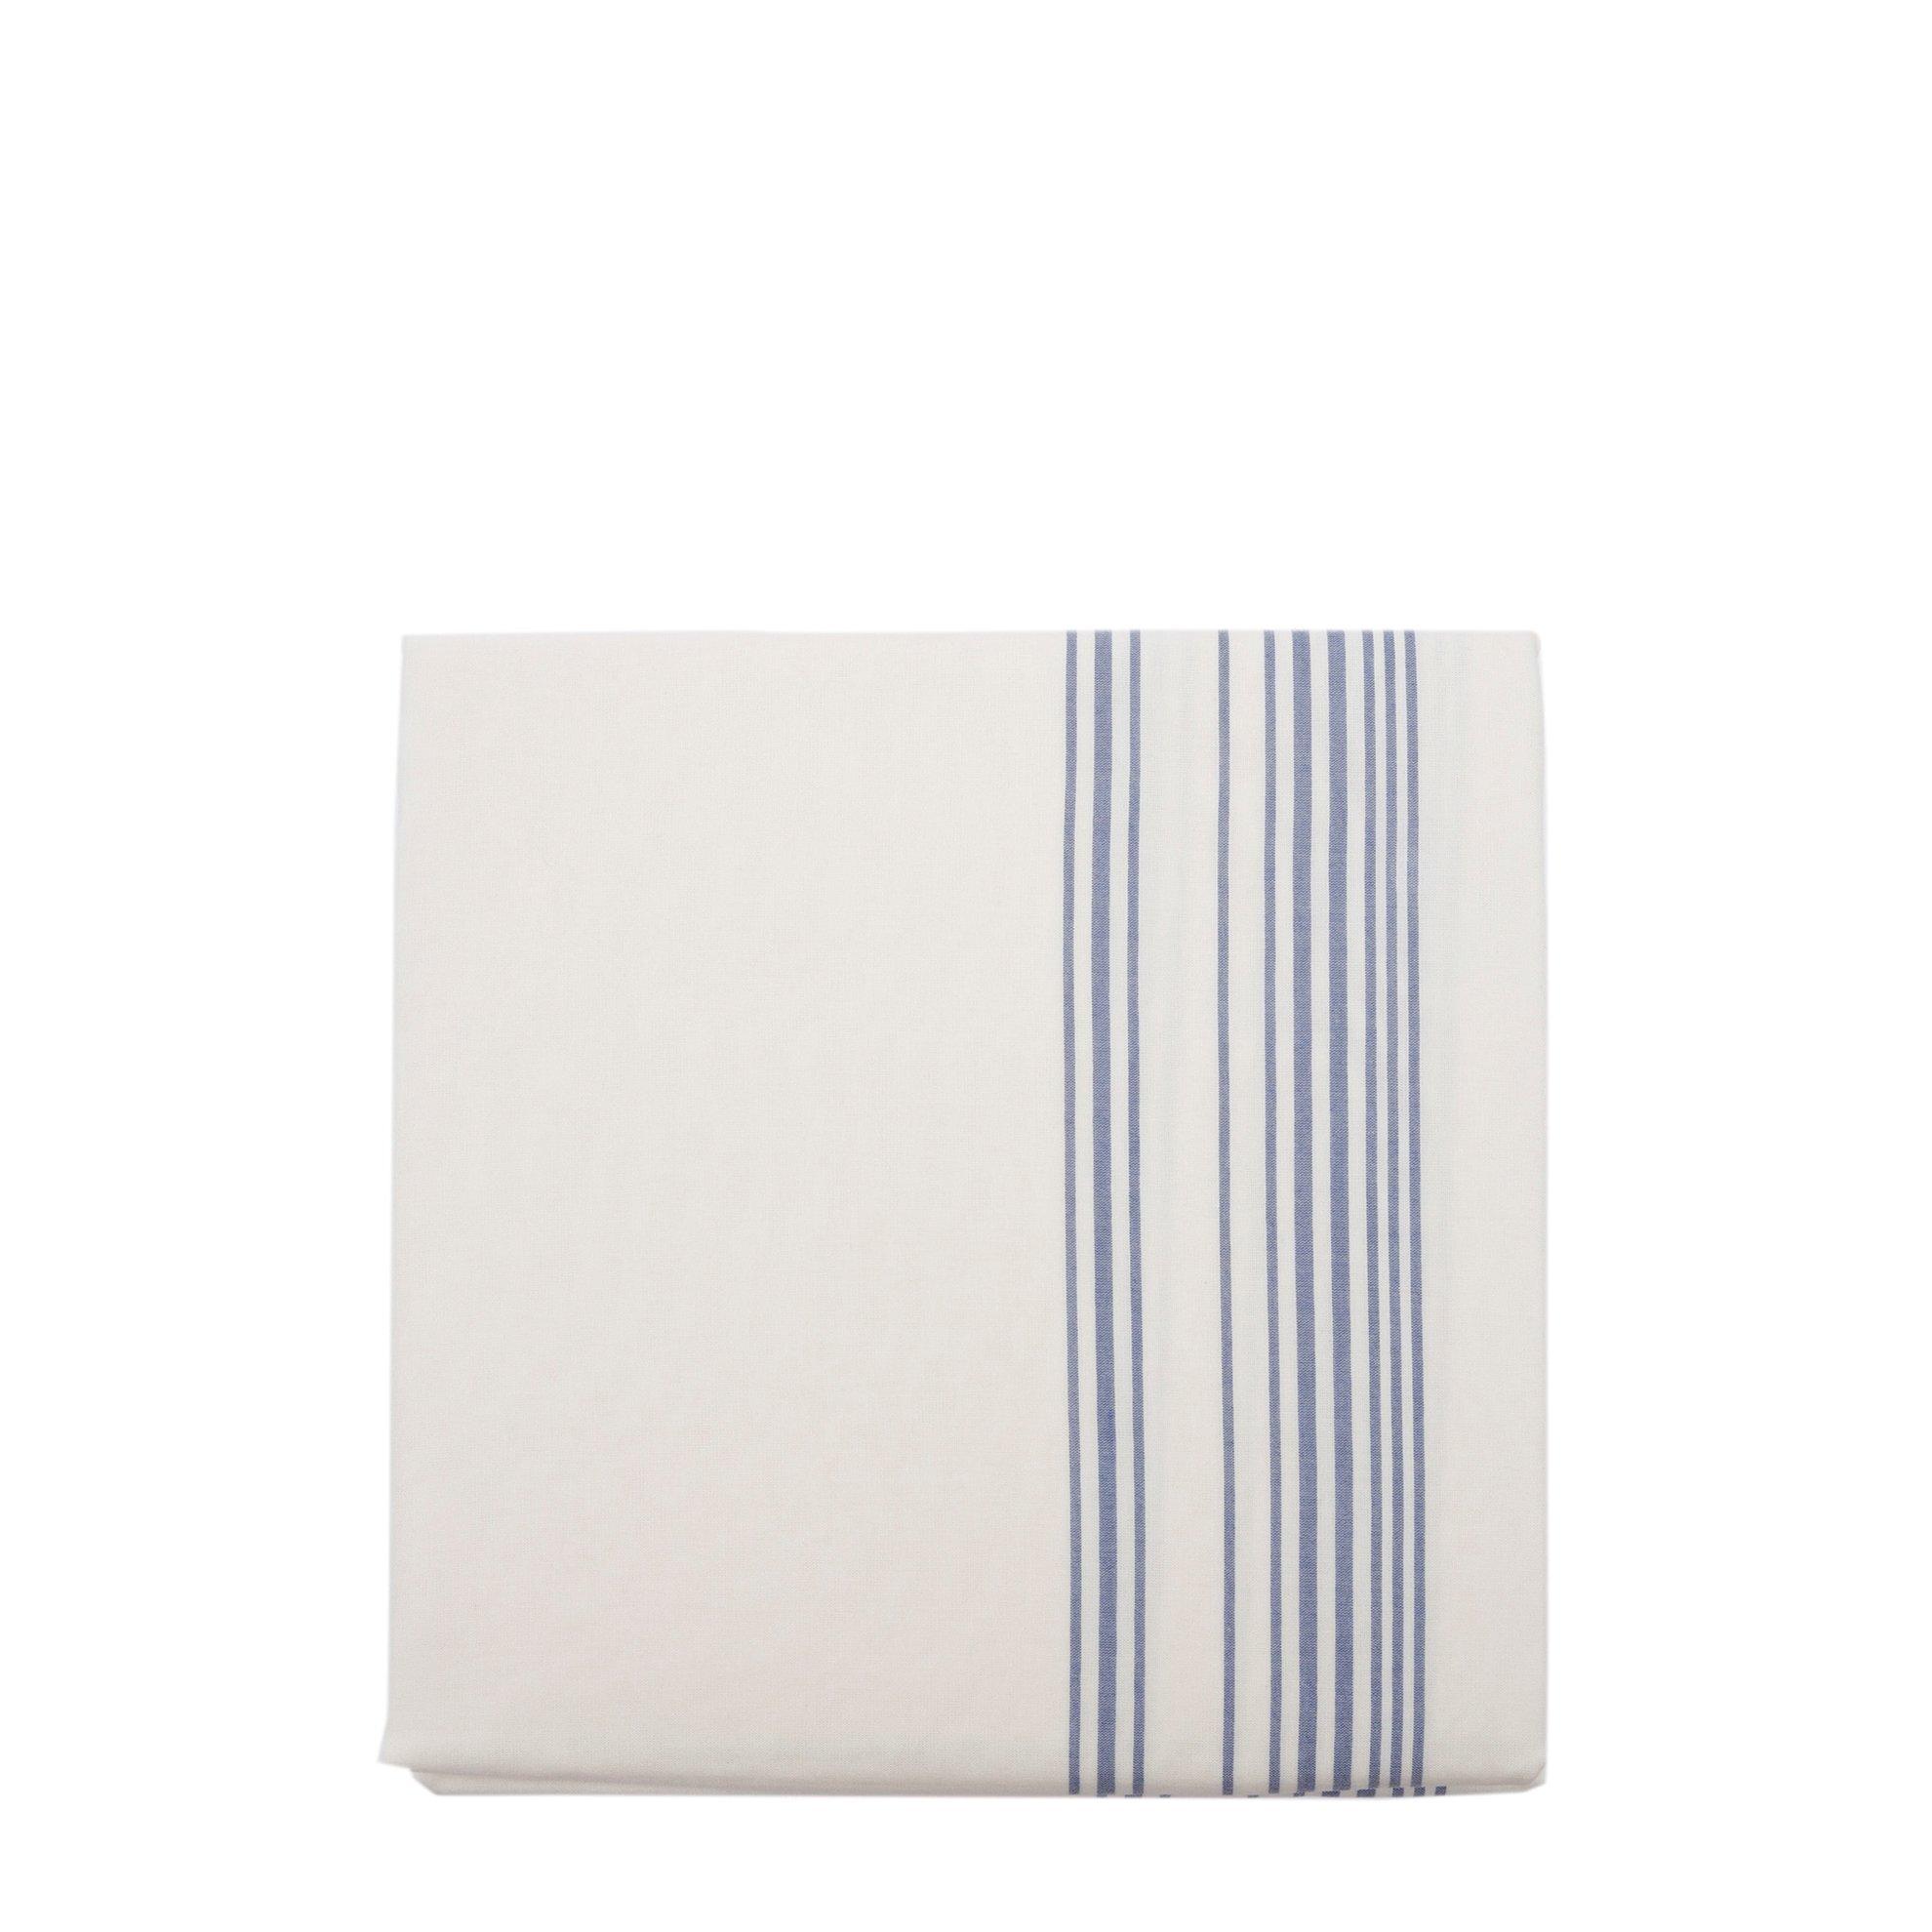 resm Esinti Kıng Sıze Mavi Çizgili Nevresim Kılıfı ( 269 X 234 Cm )